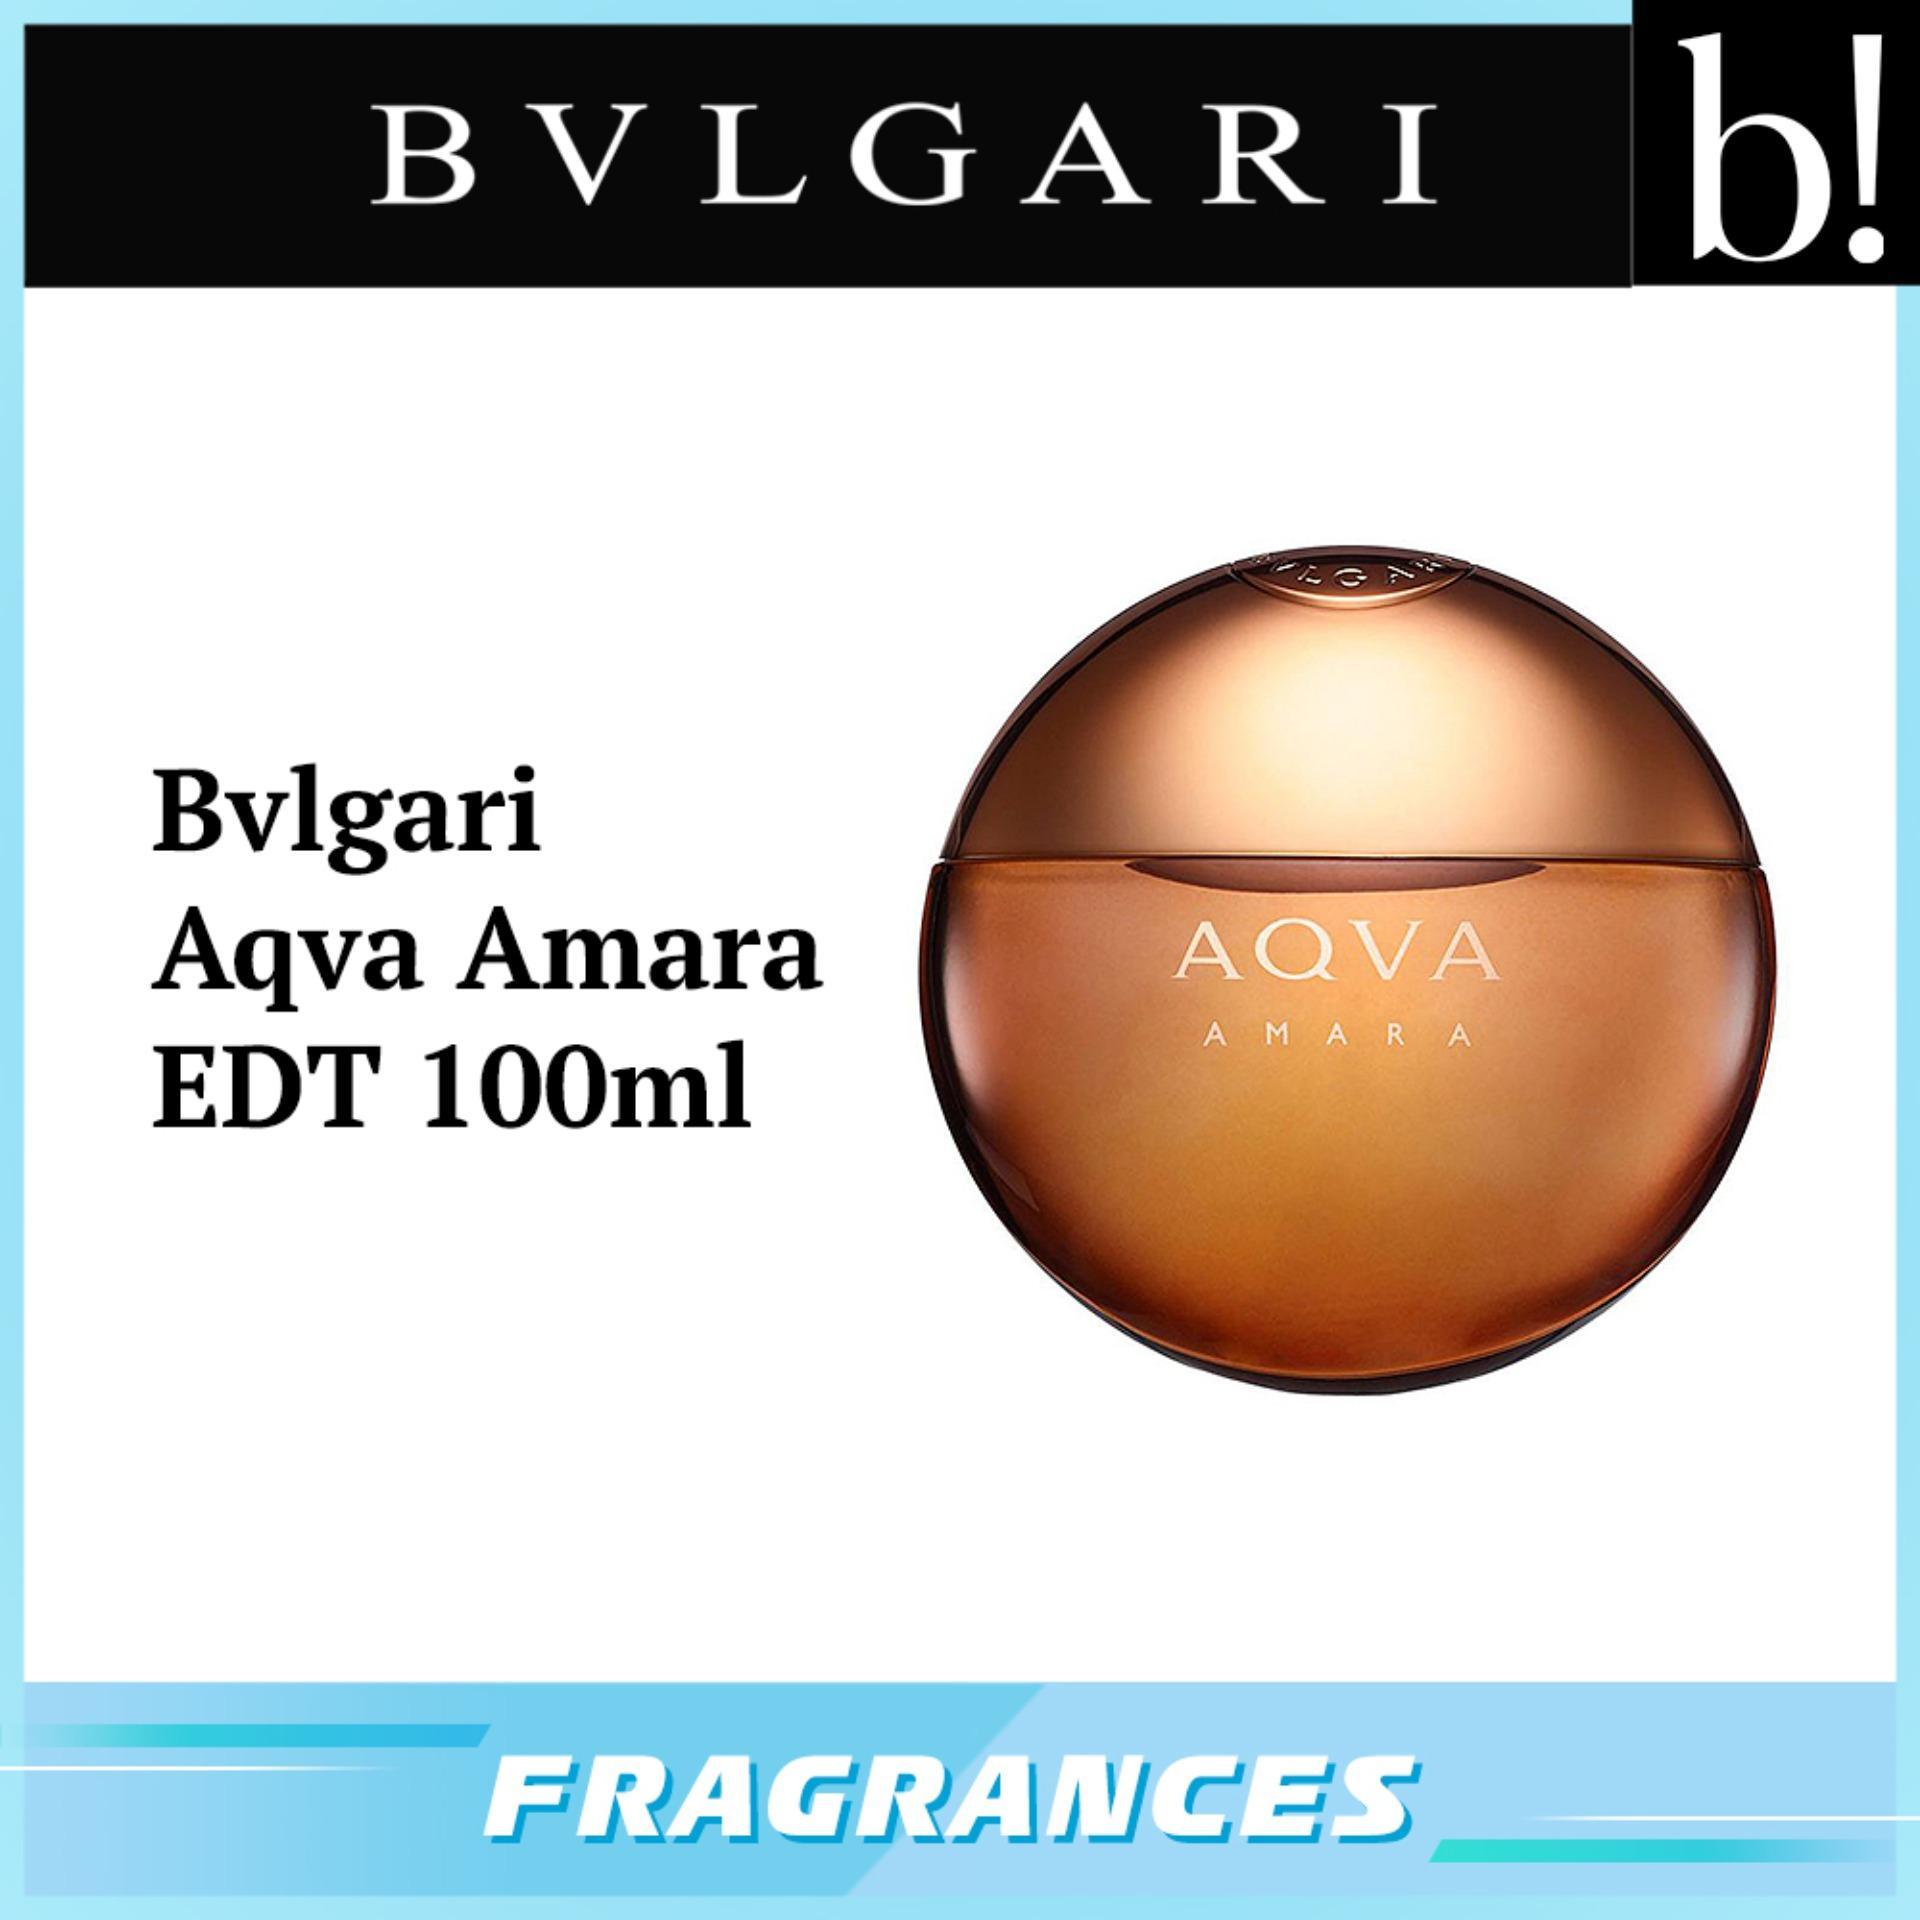 Buy Bvlgari Fragrance Eau De Toilette Lazada Parfum Singapur Man Singapore Aqva Amara Edt 100ml Beureka